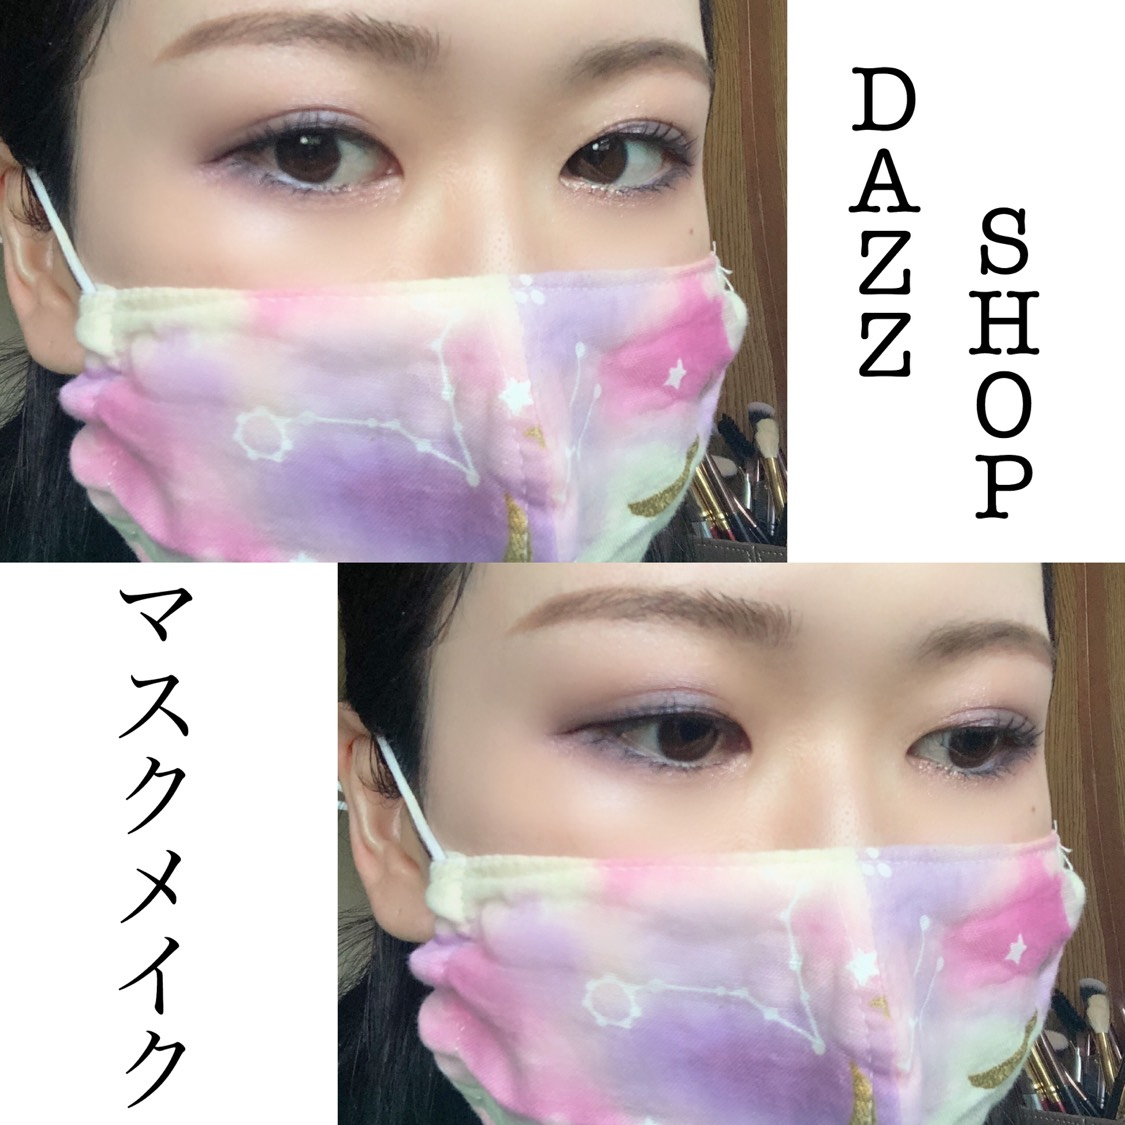 DAZZSHOPでマスクメイク